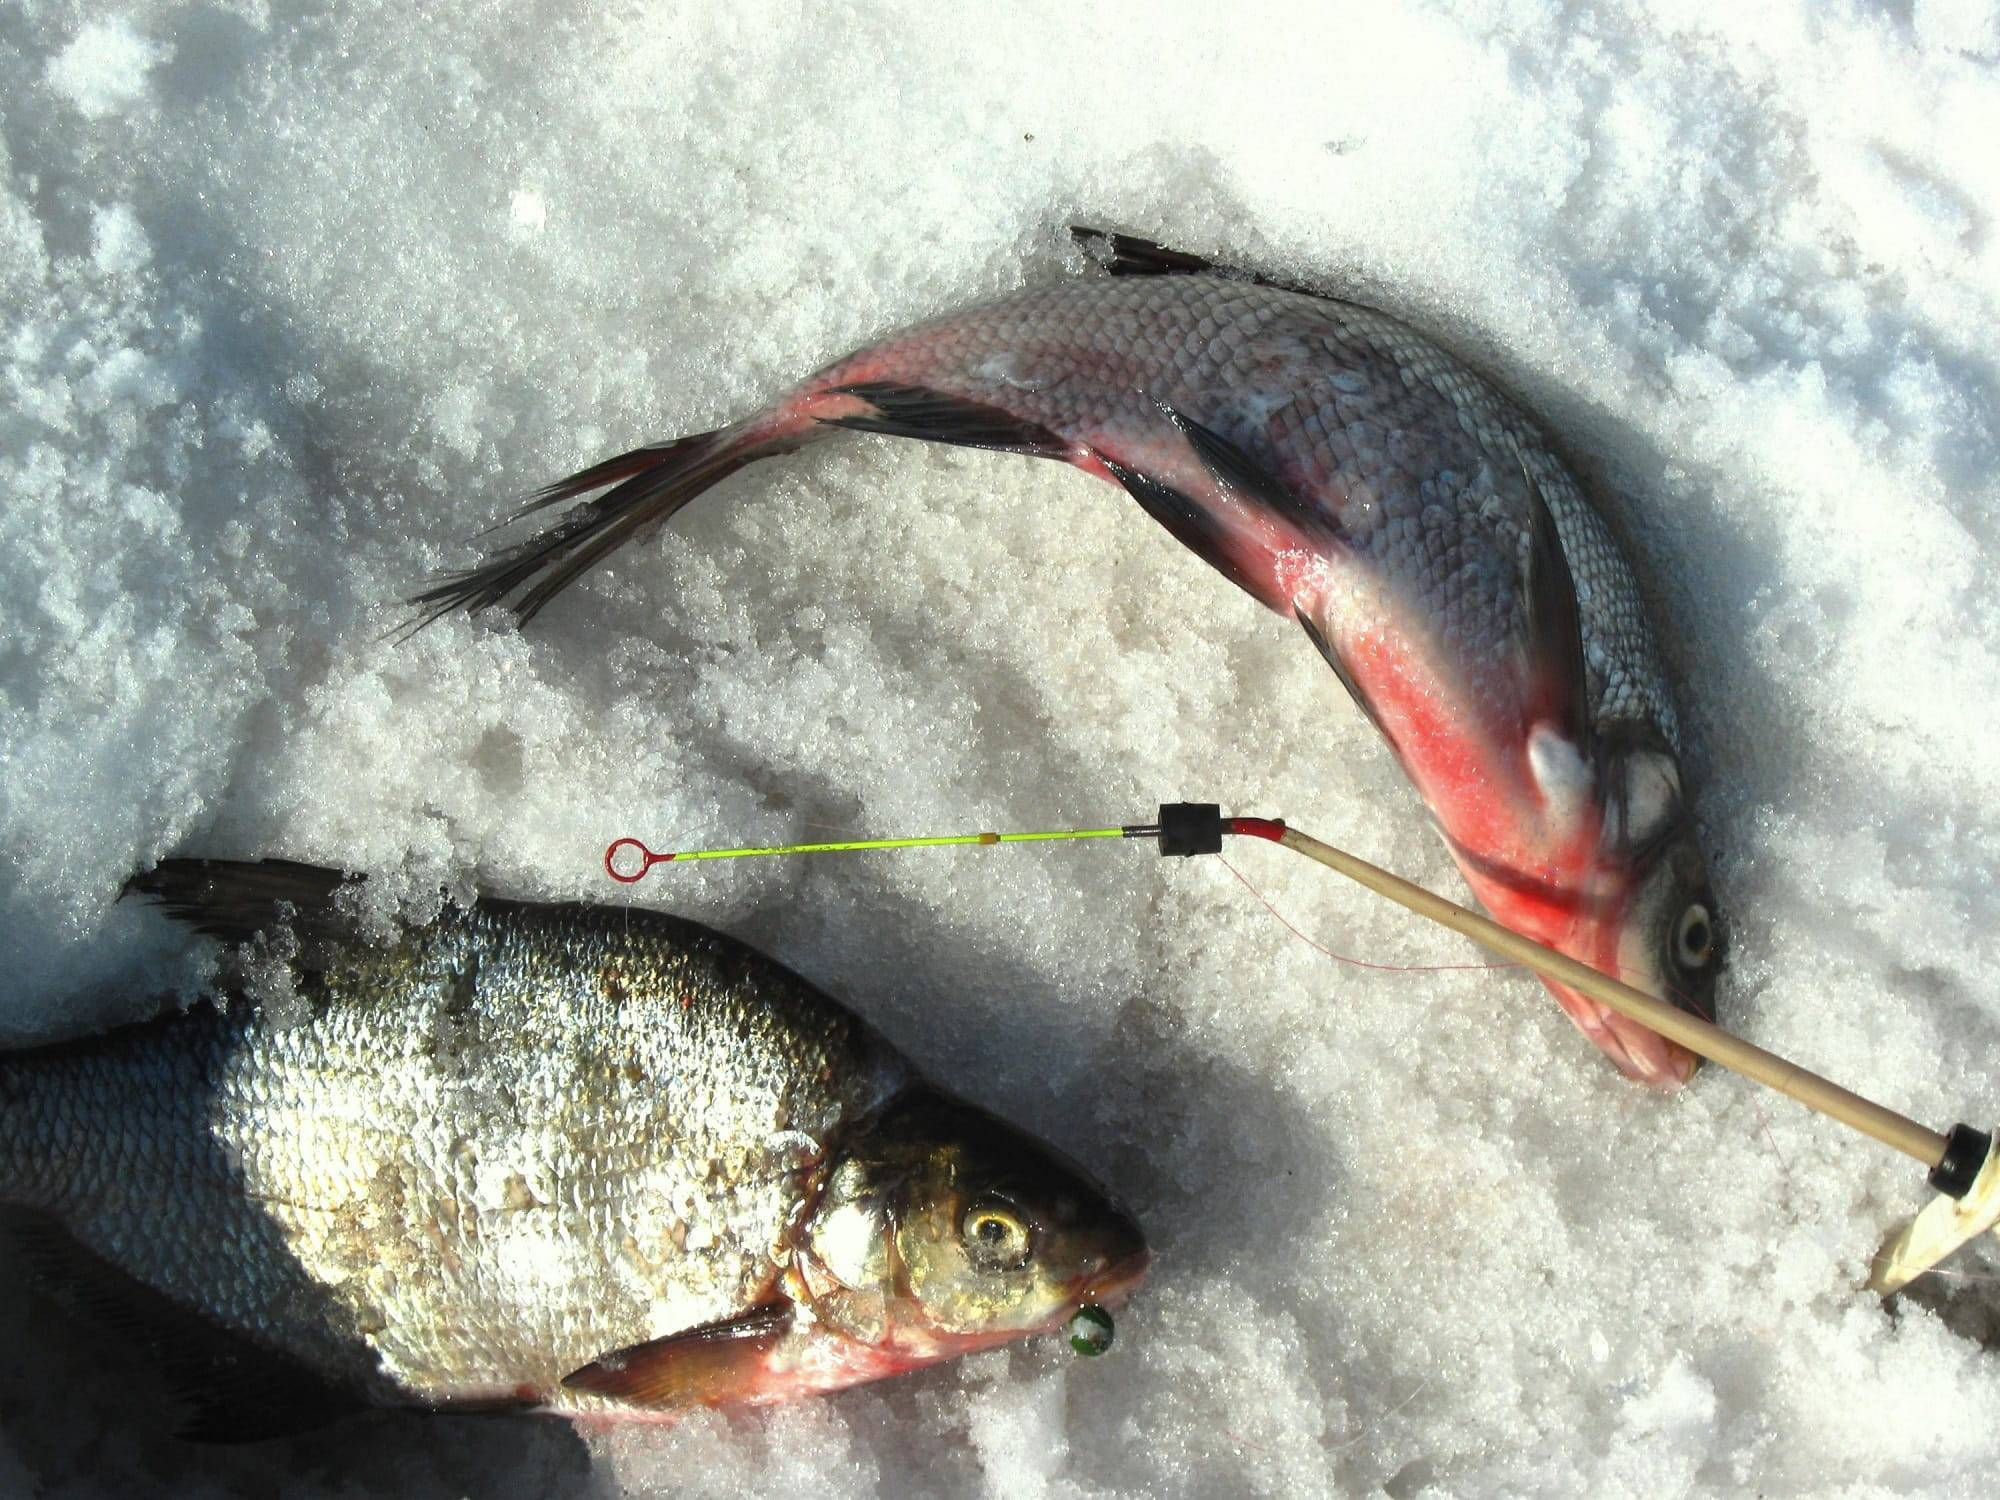 Ловля густеры осенью - читайте на сatcher.fish